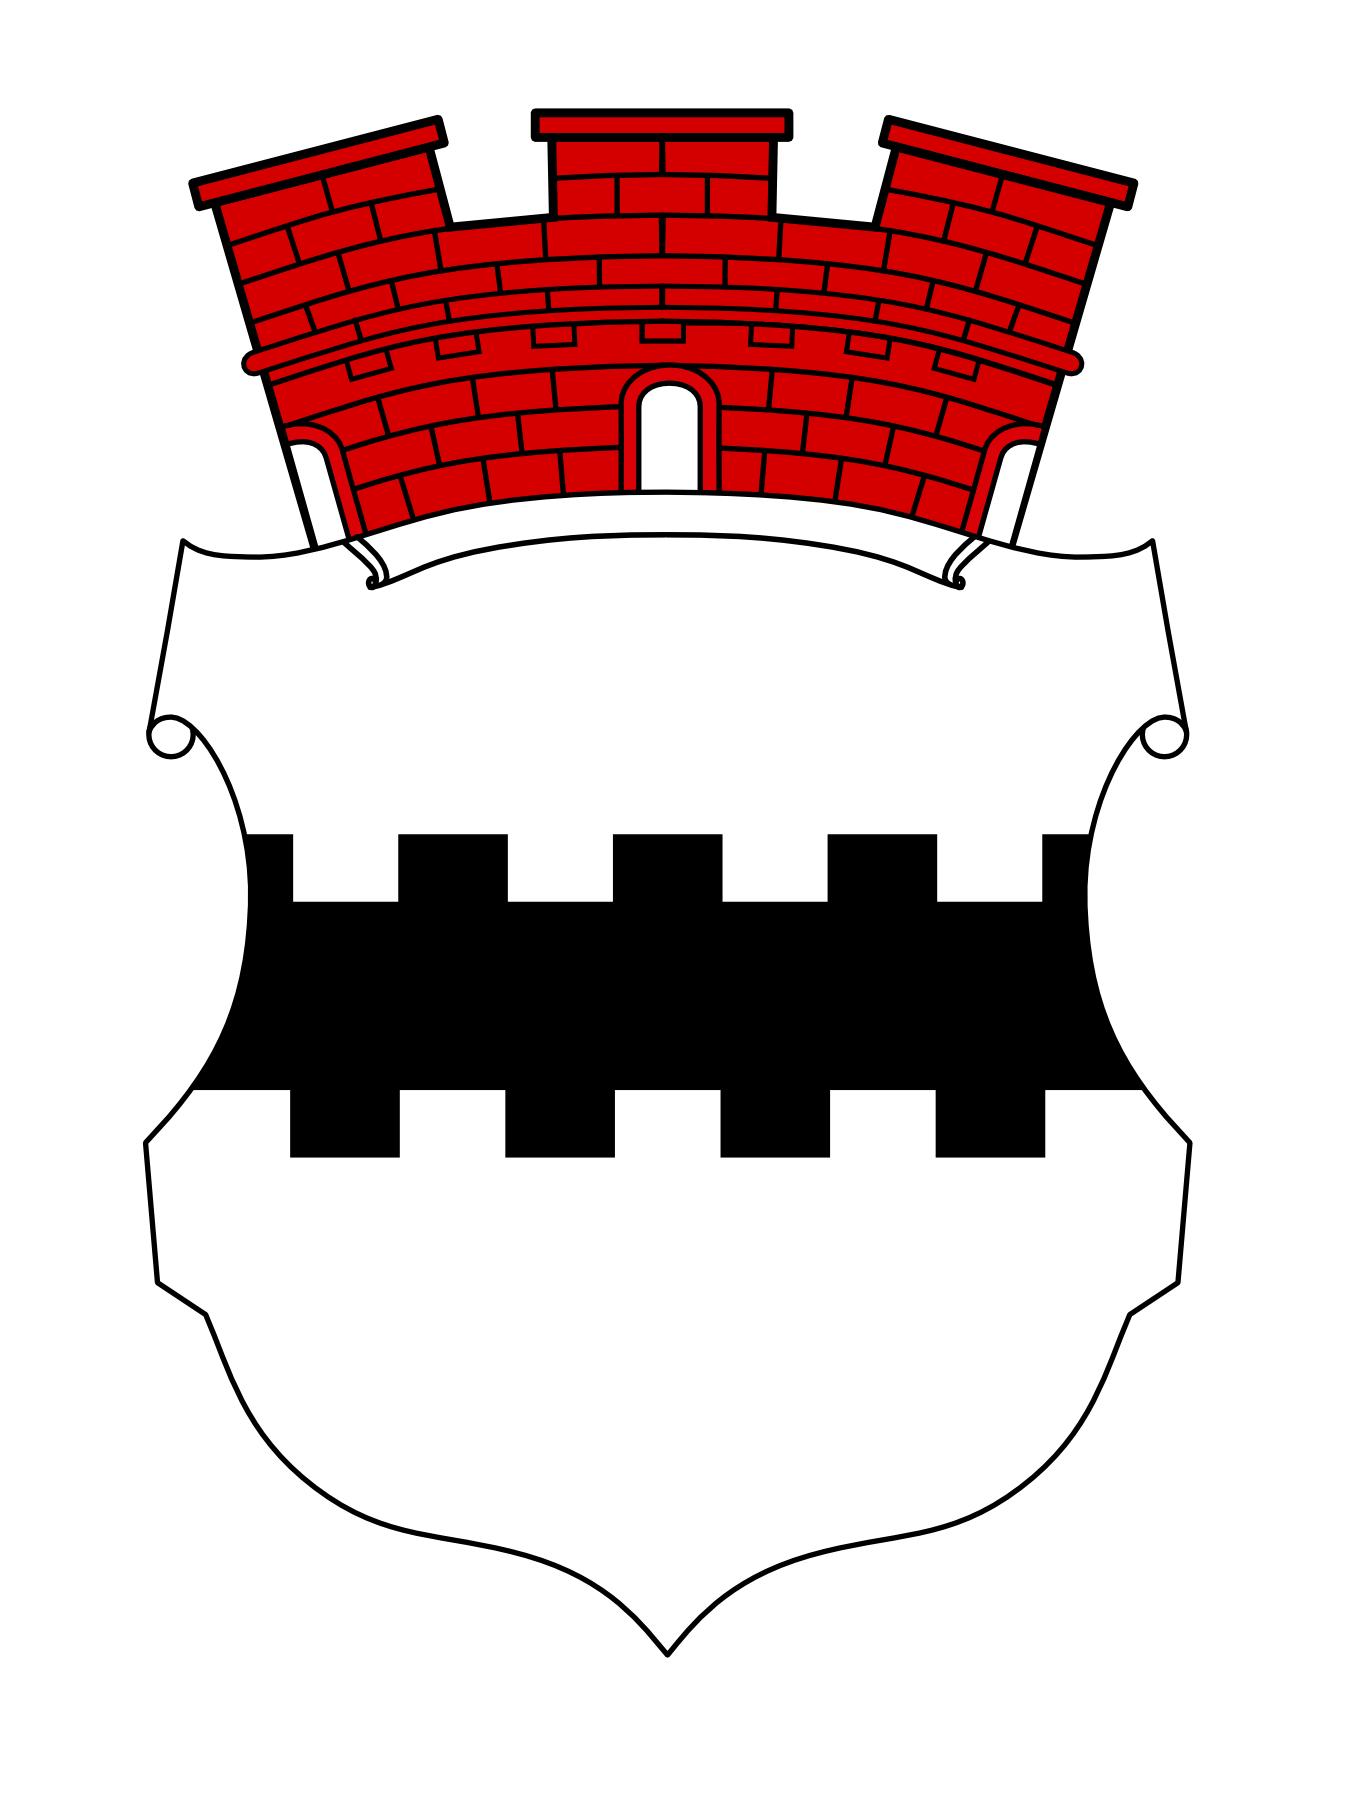 File:Wappen Opladen gross.png.